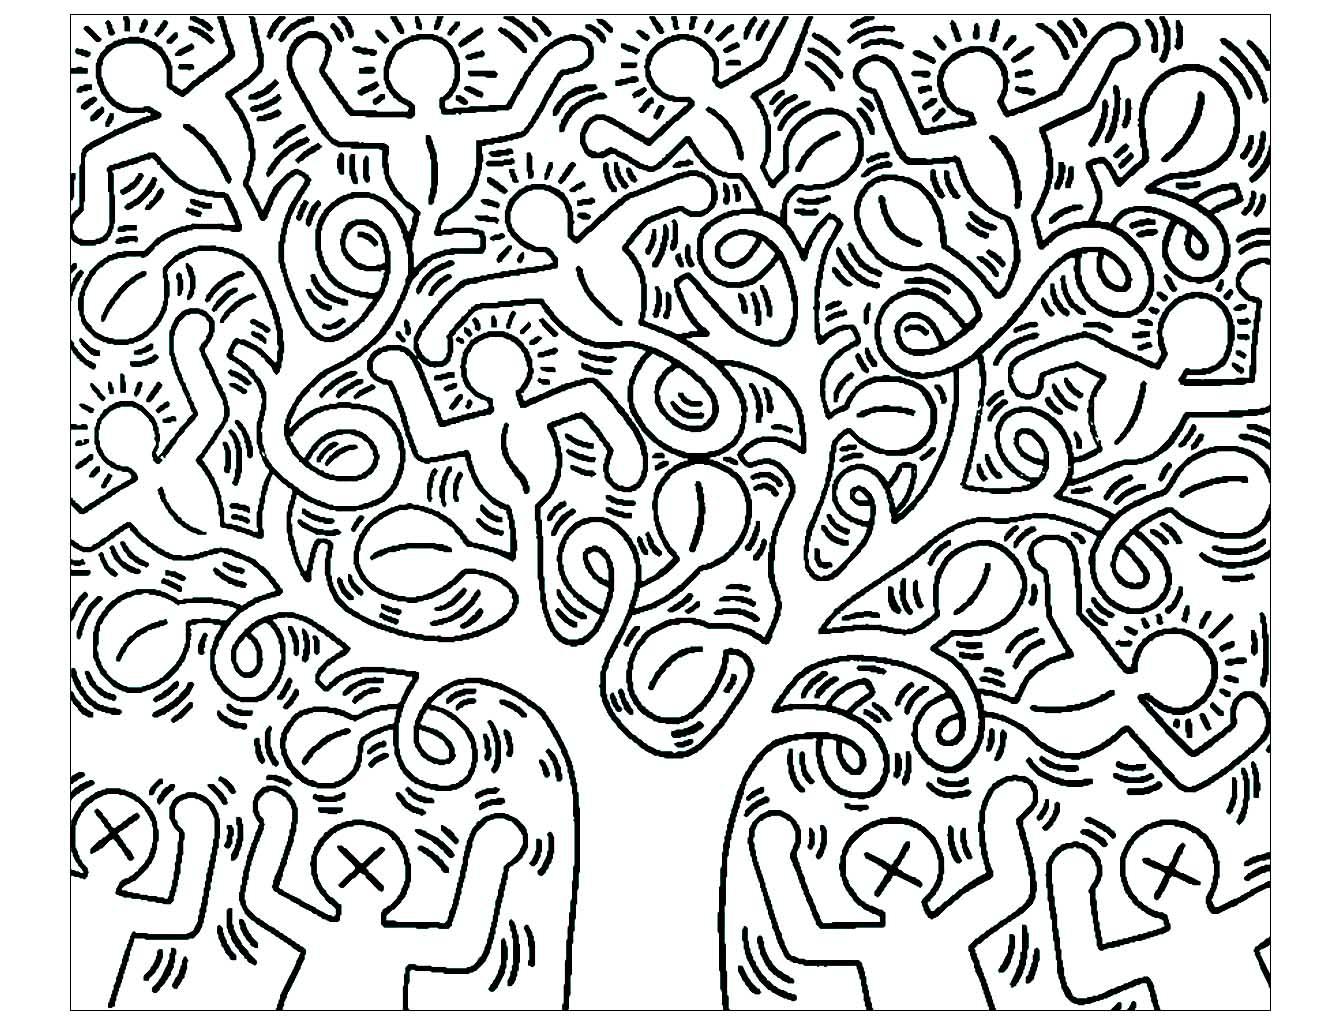 Pop art 41211 pop art disegni da colorare per adulti for Disegni da colorare per adulti e ragazzi